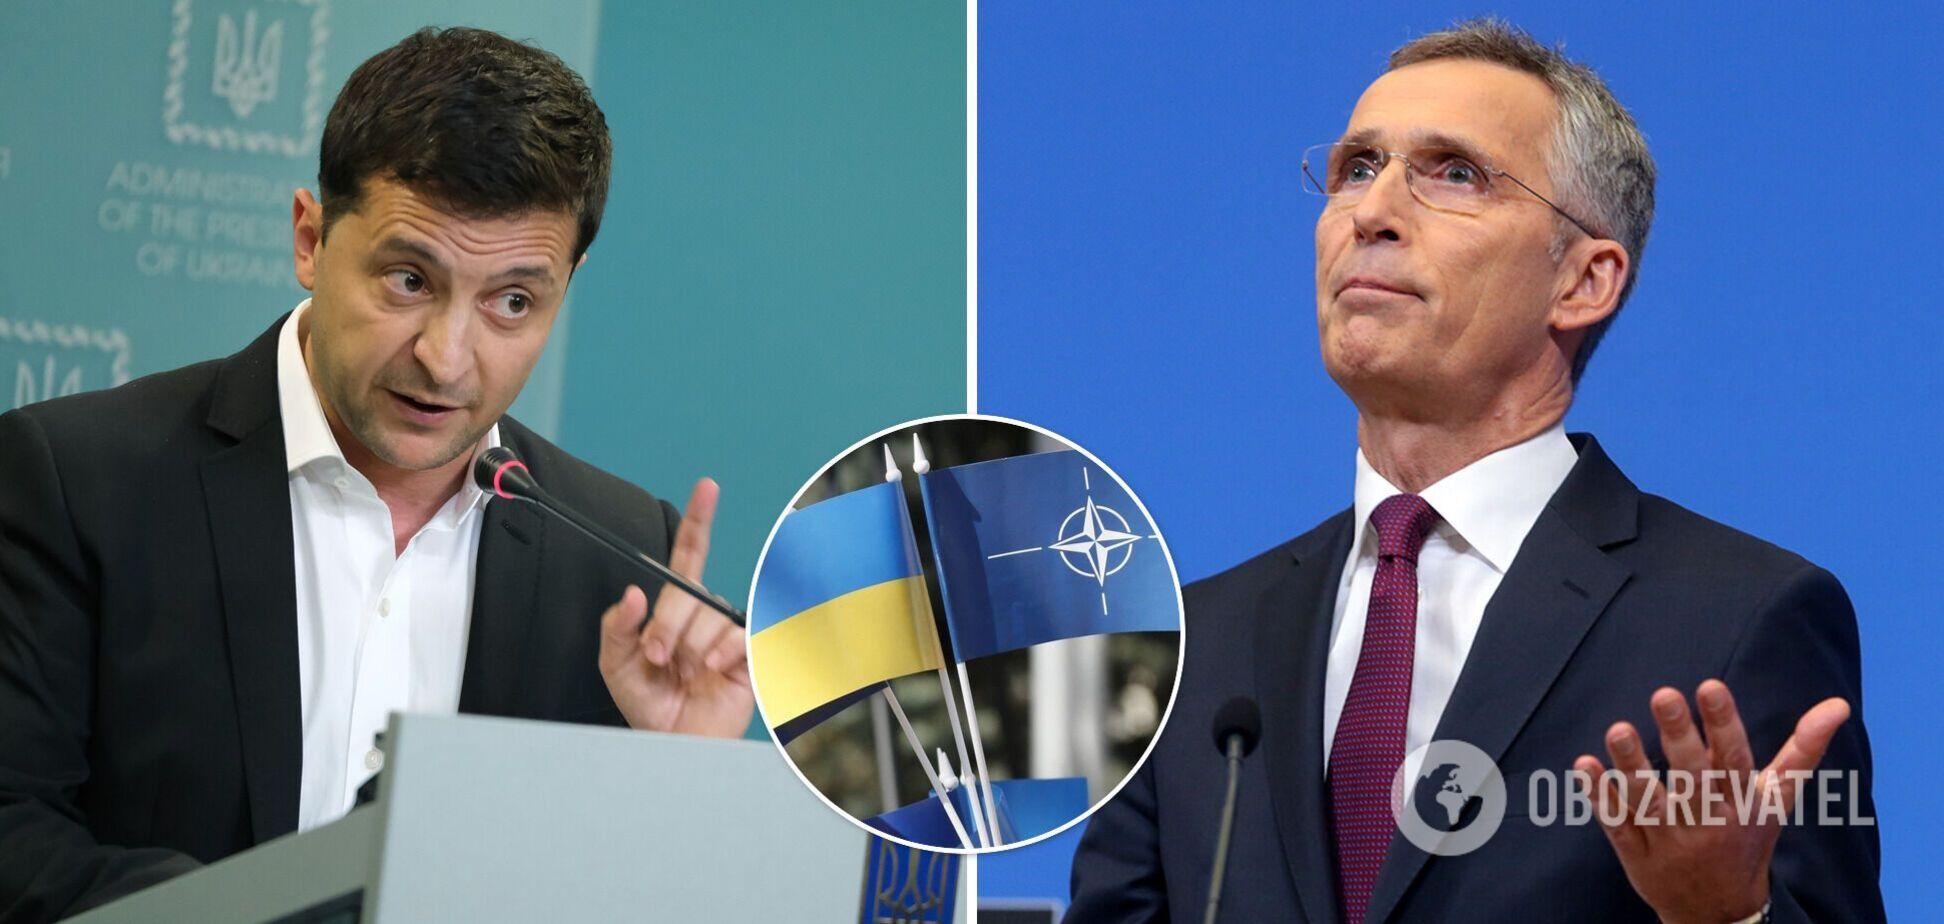 Зеленский поговорил с генсеком НАТО и попросил ПДЧ для Украины